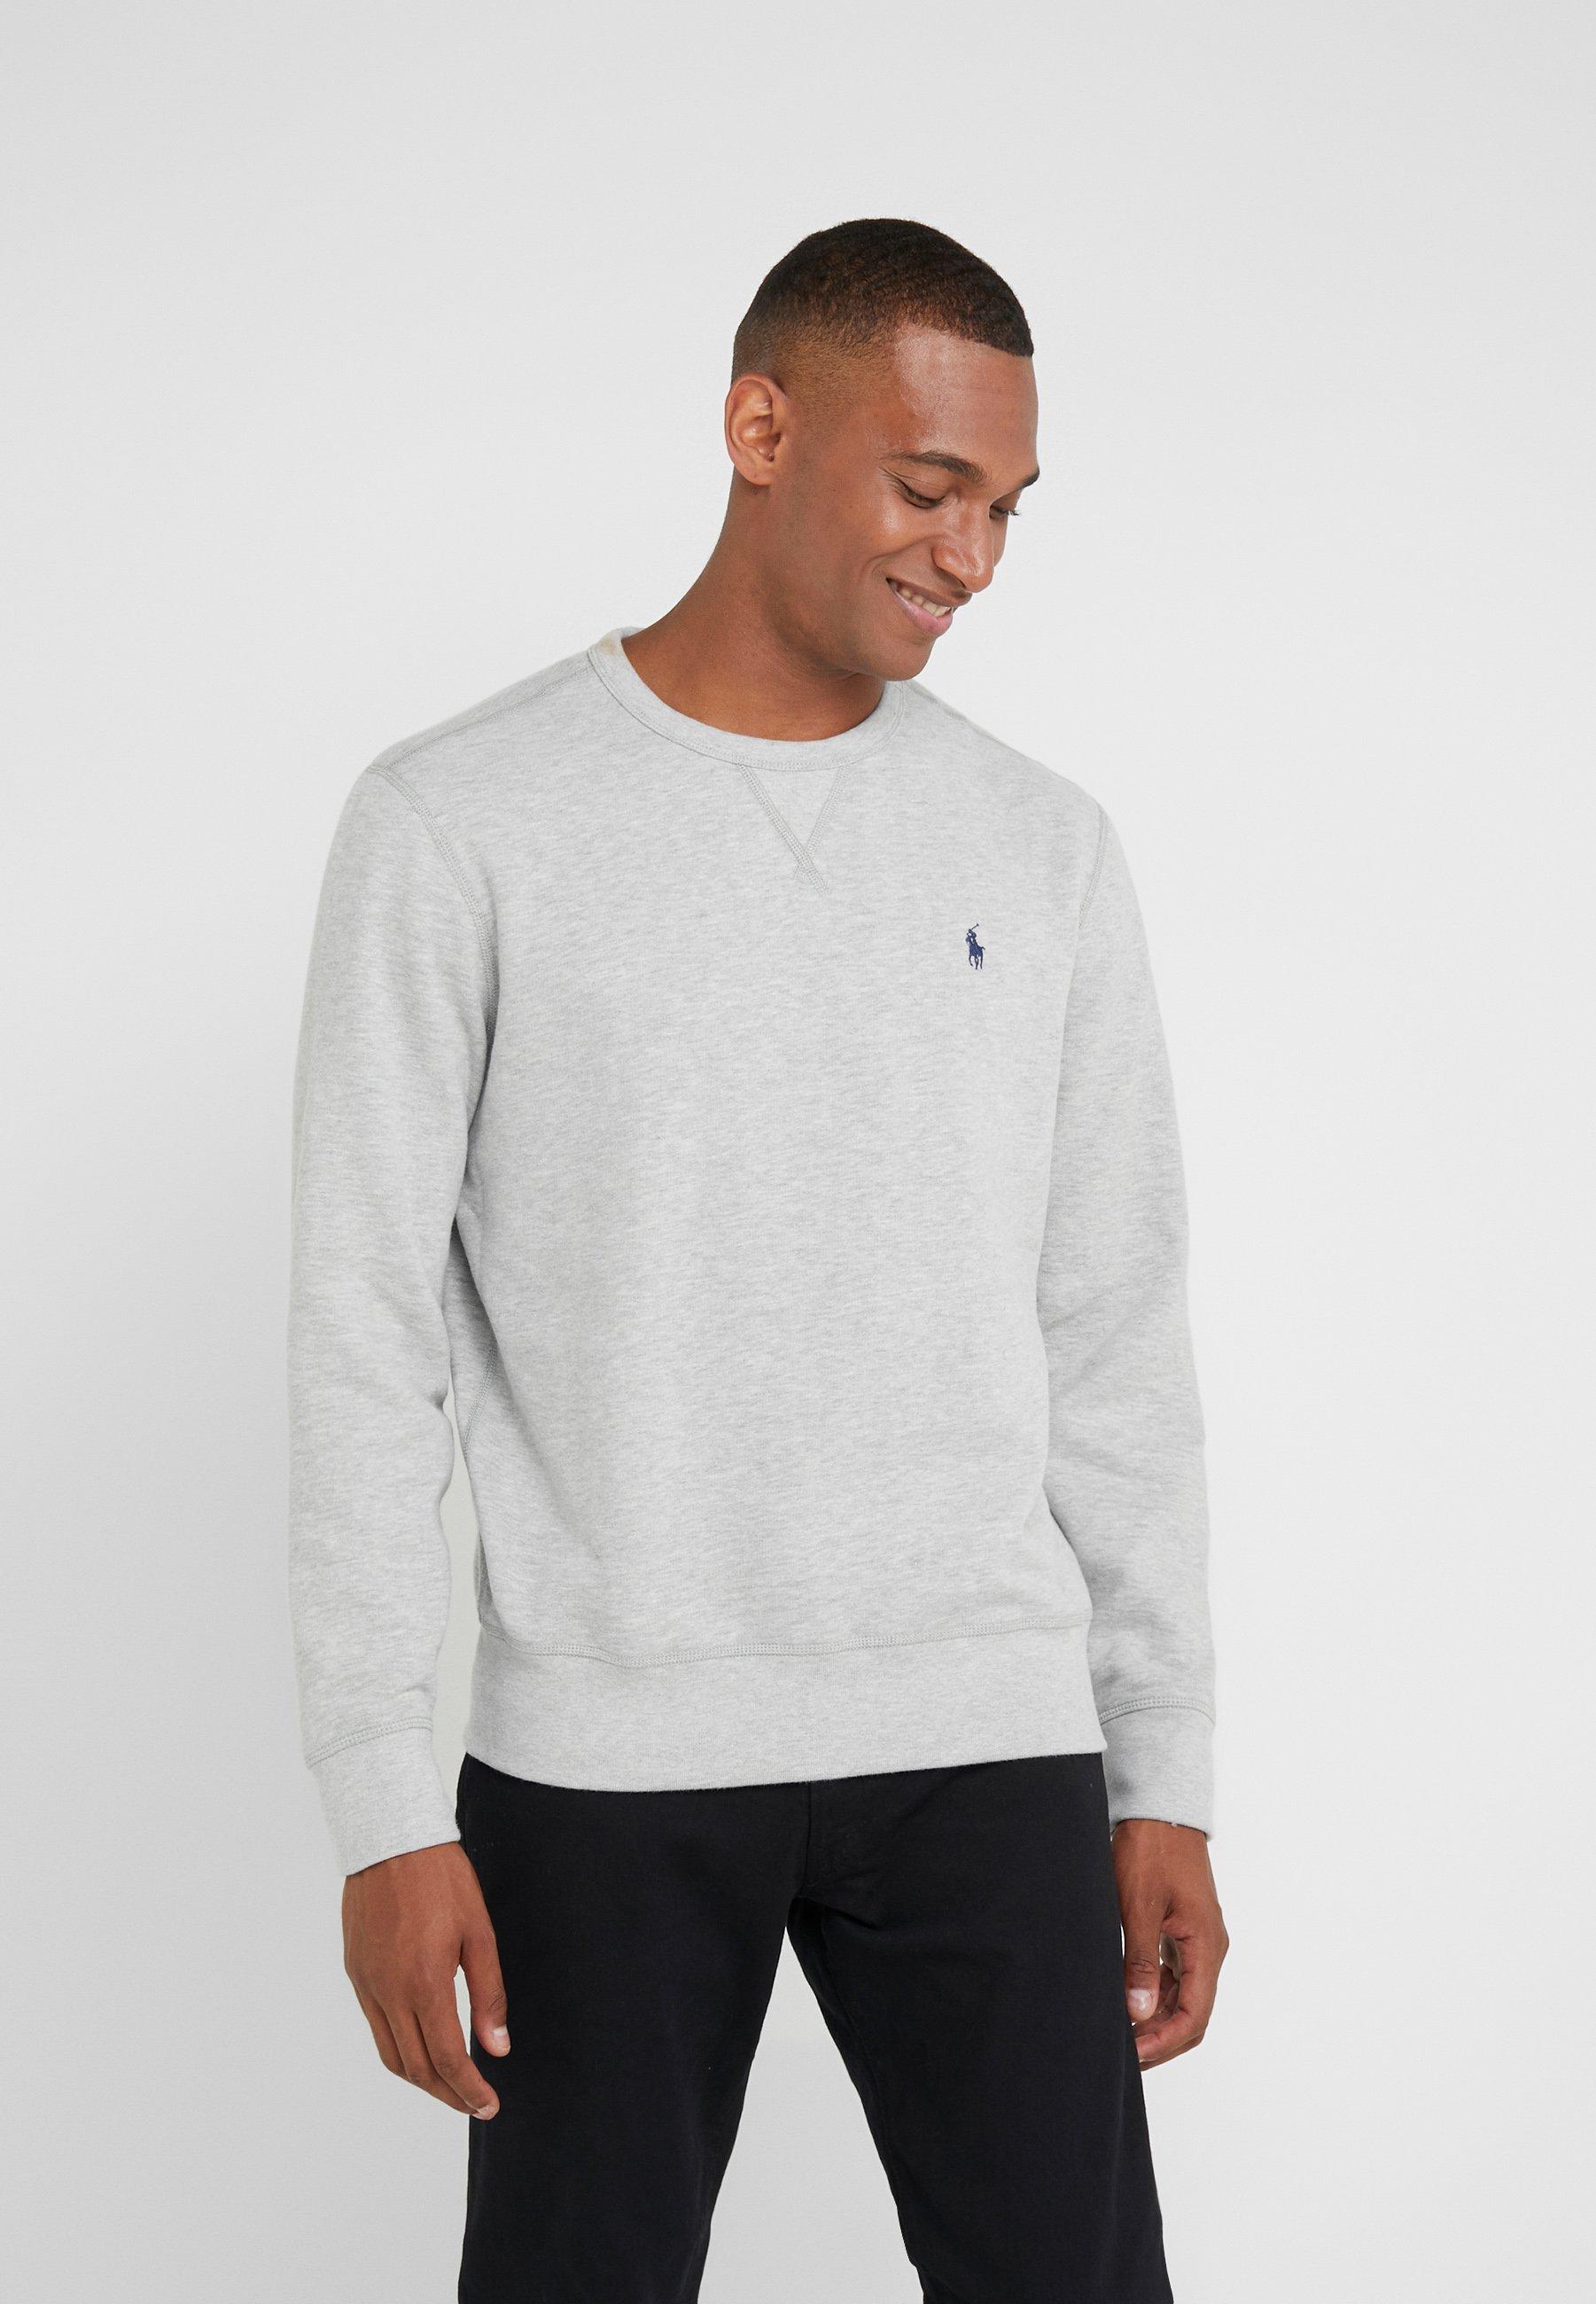 Herren FLEECE CREWNECK SWEATSHIRT - Sweatshirt